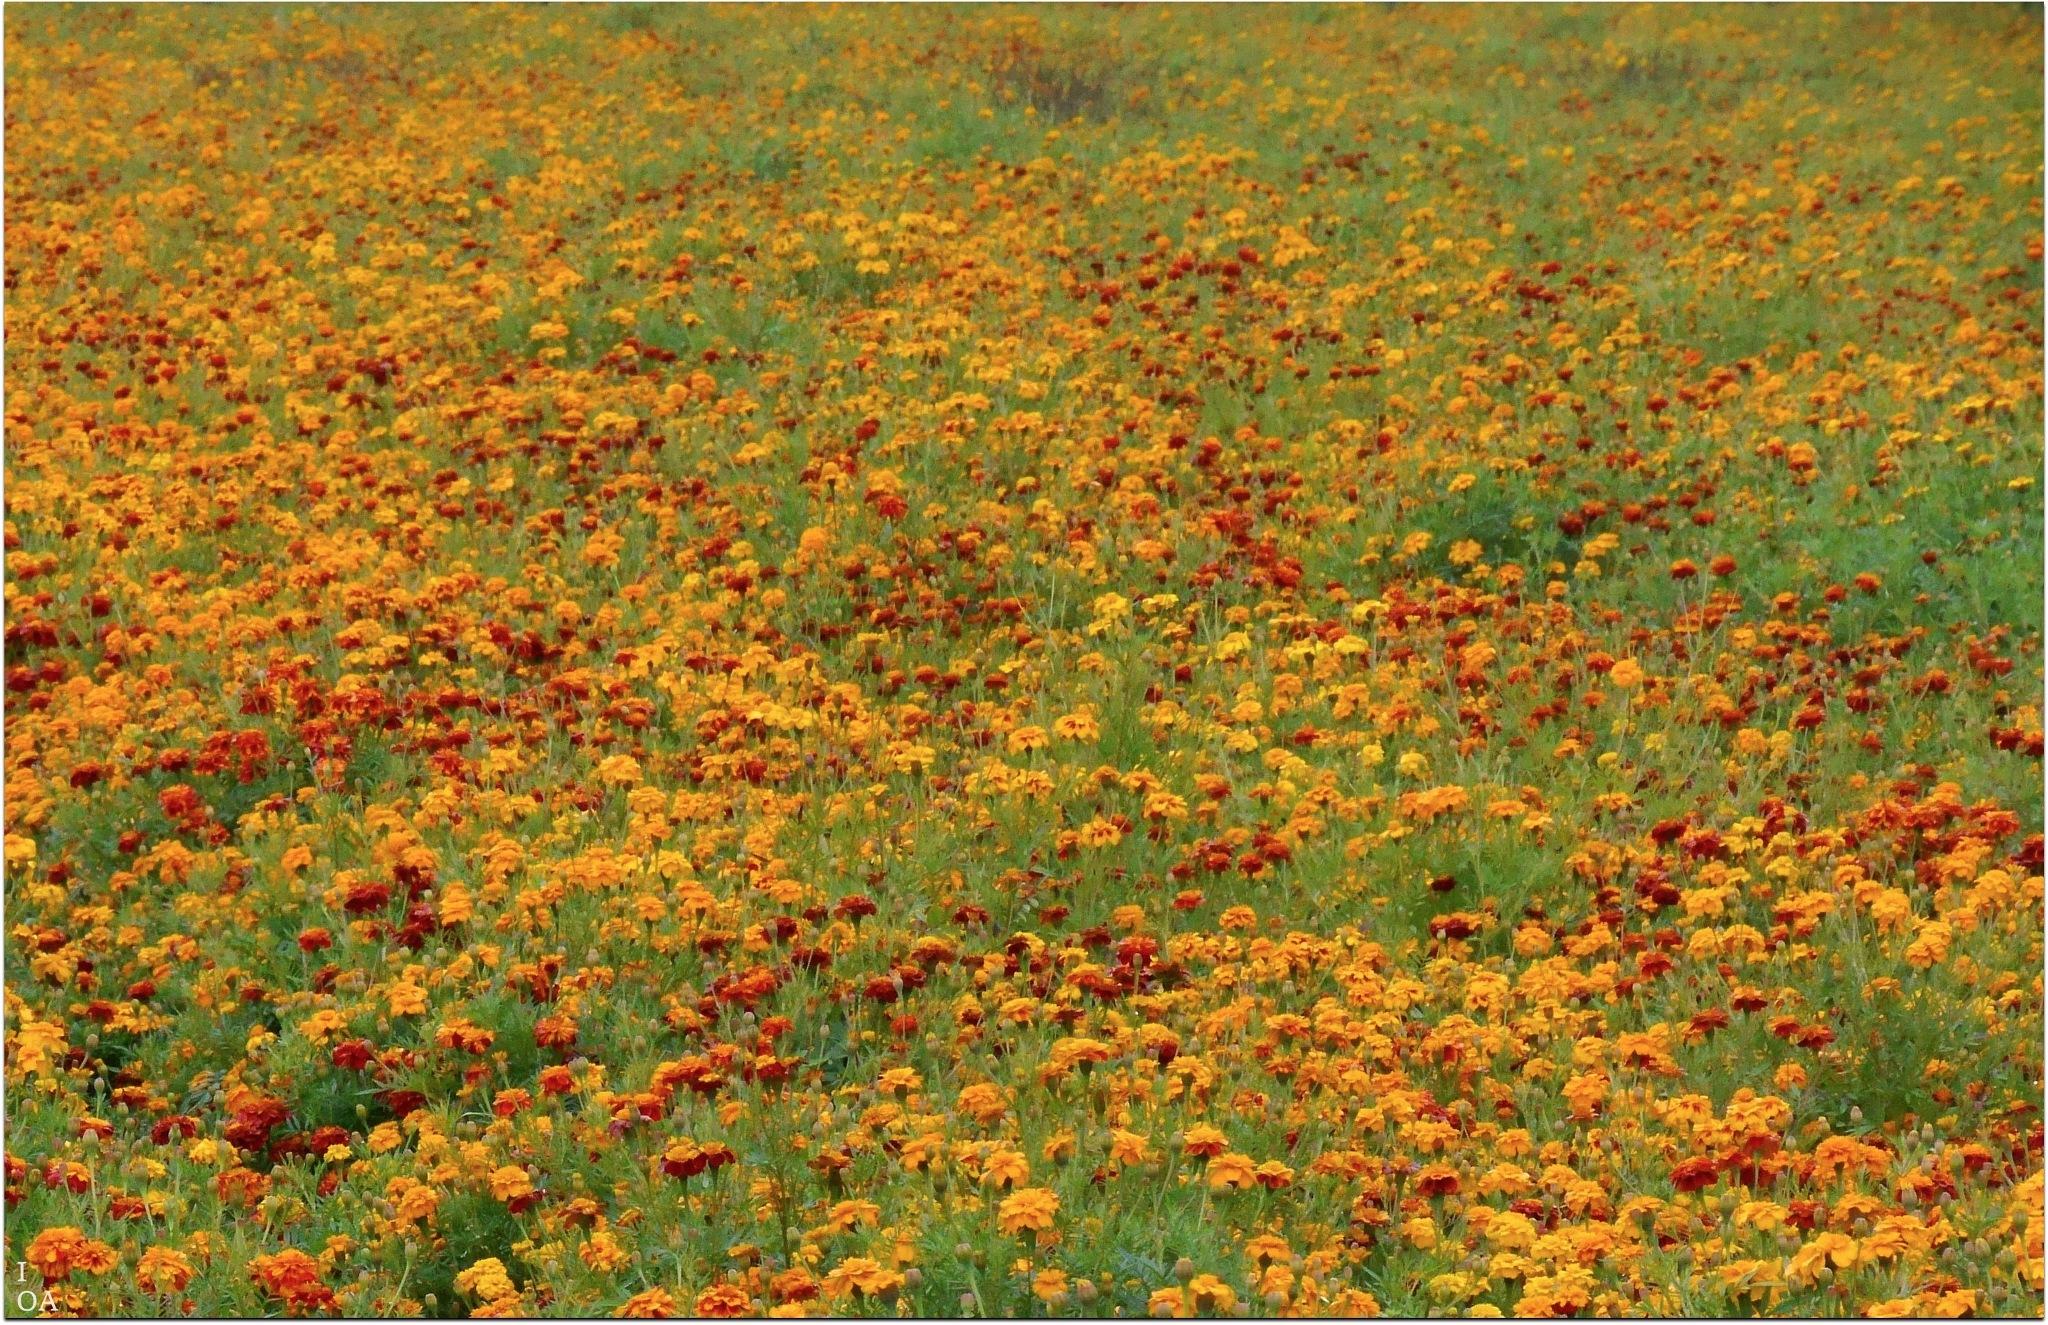 Flowers in the field by imageofantwerp